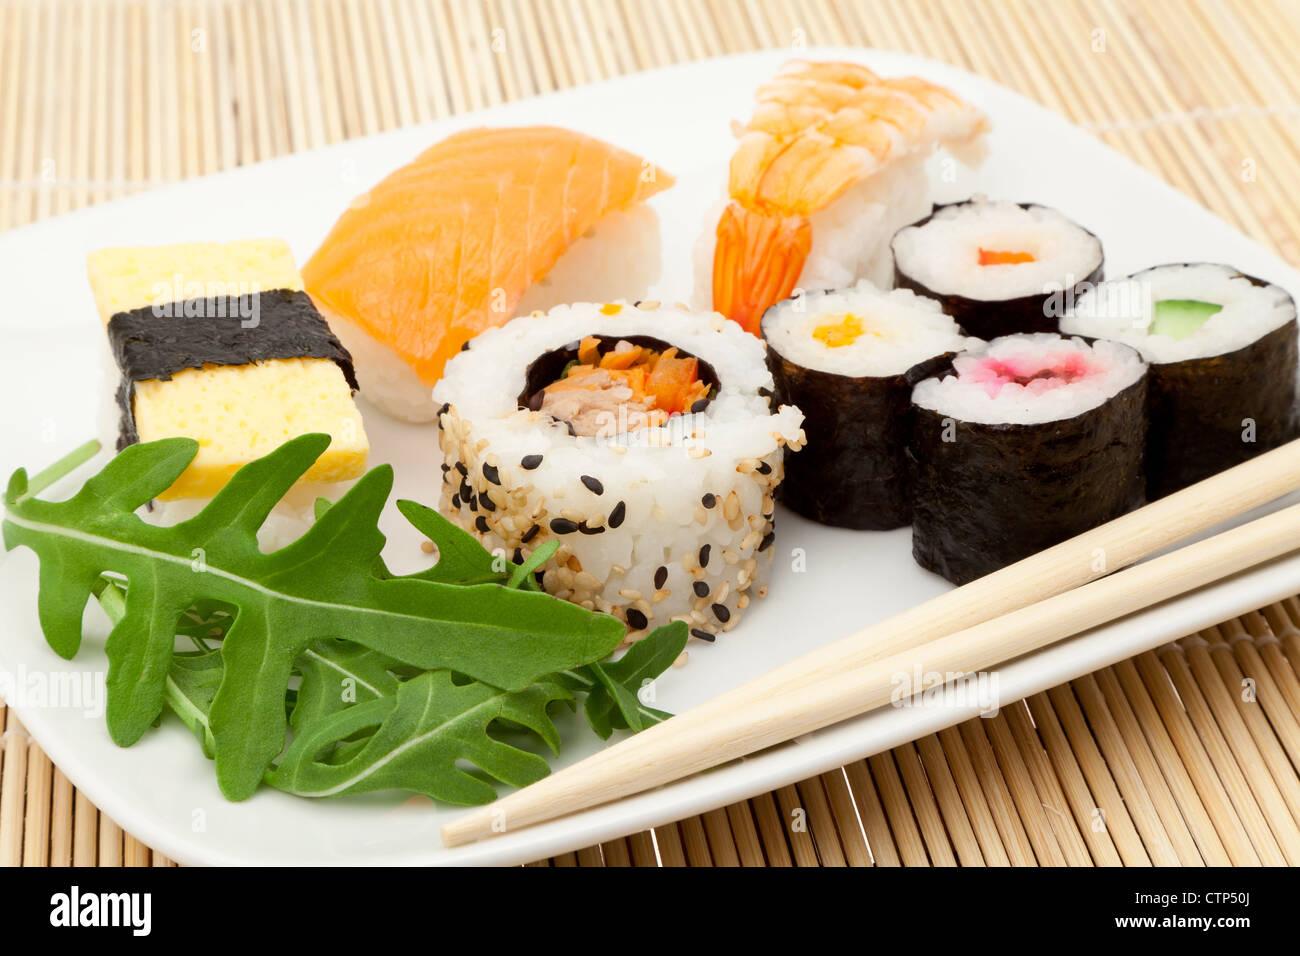 Assiette de Sushi mix avec baguettes - studio shot Photo Stock